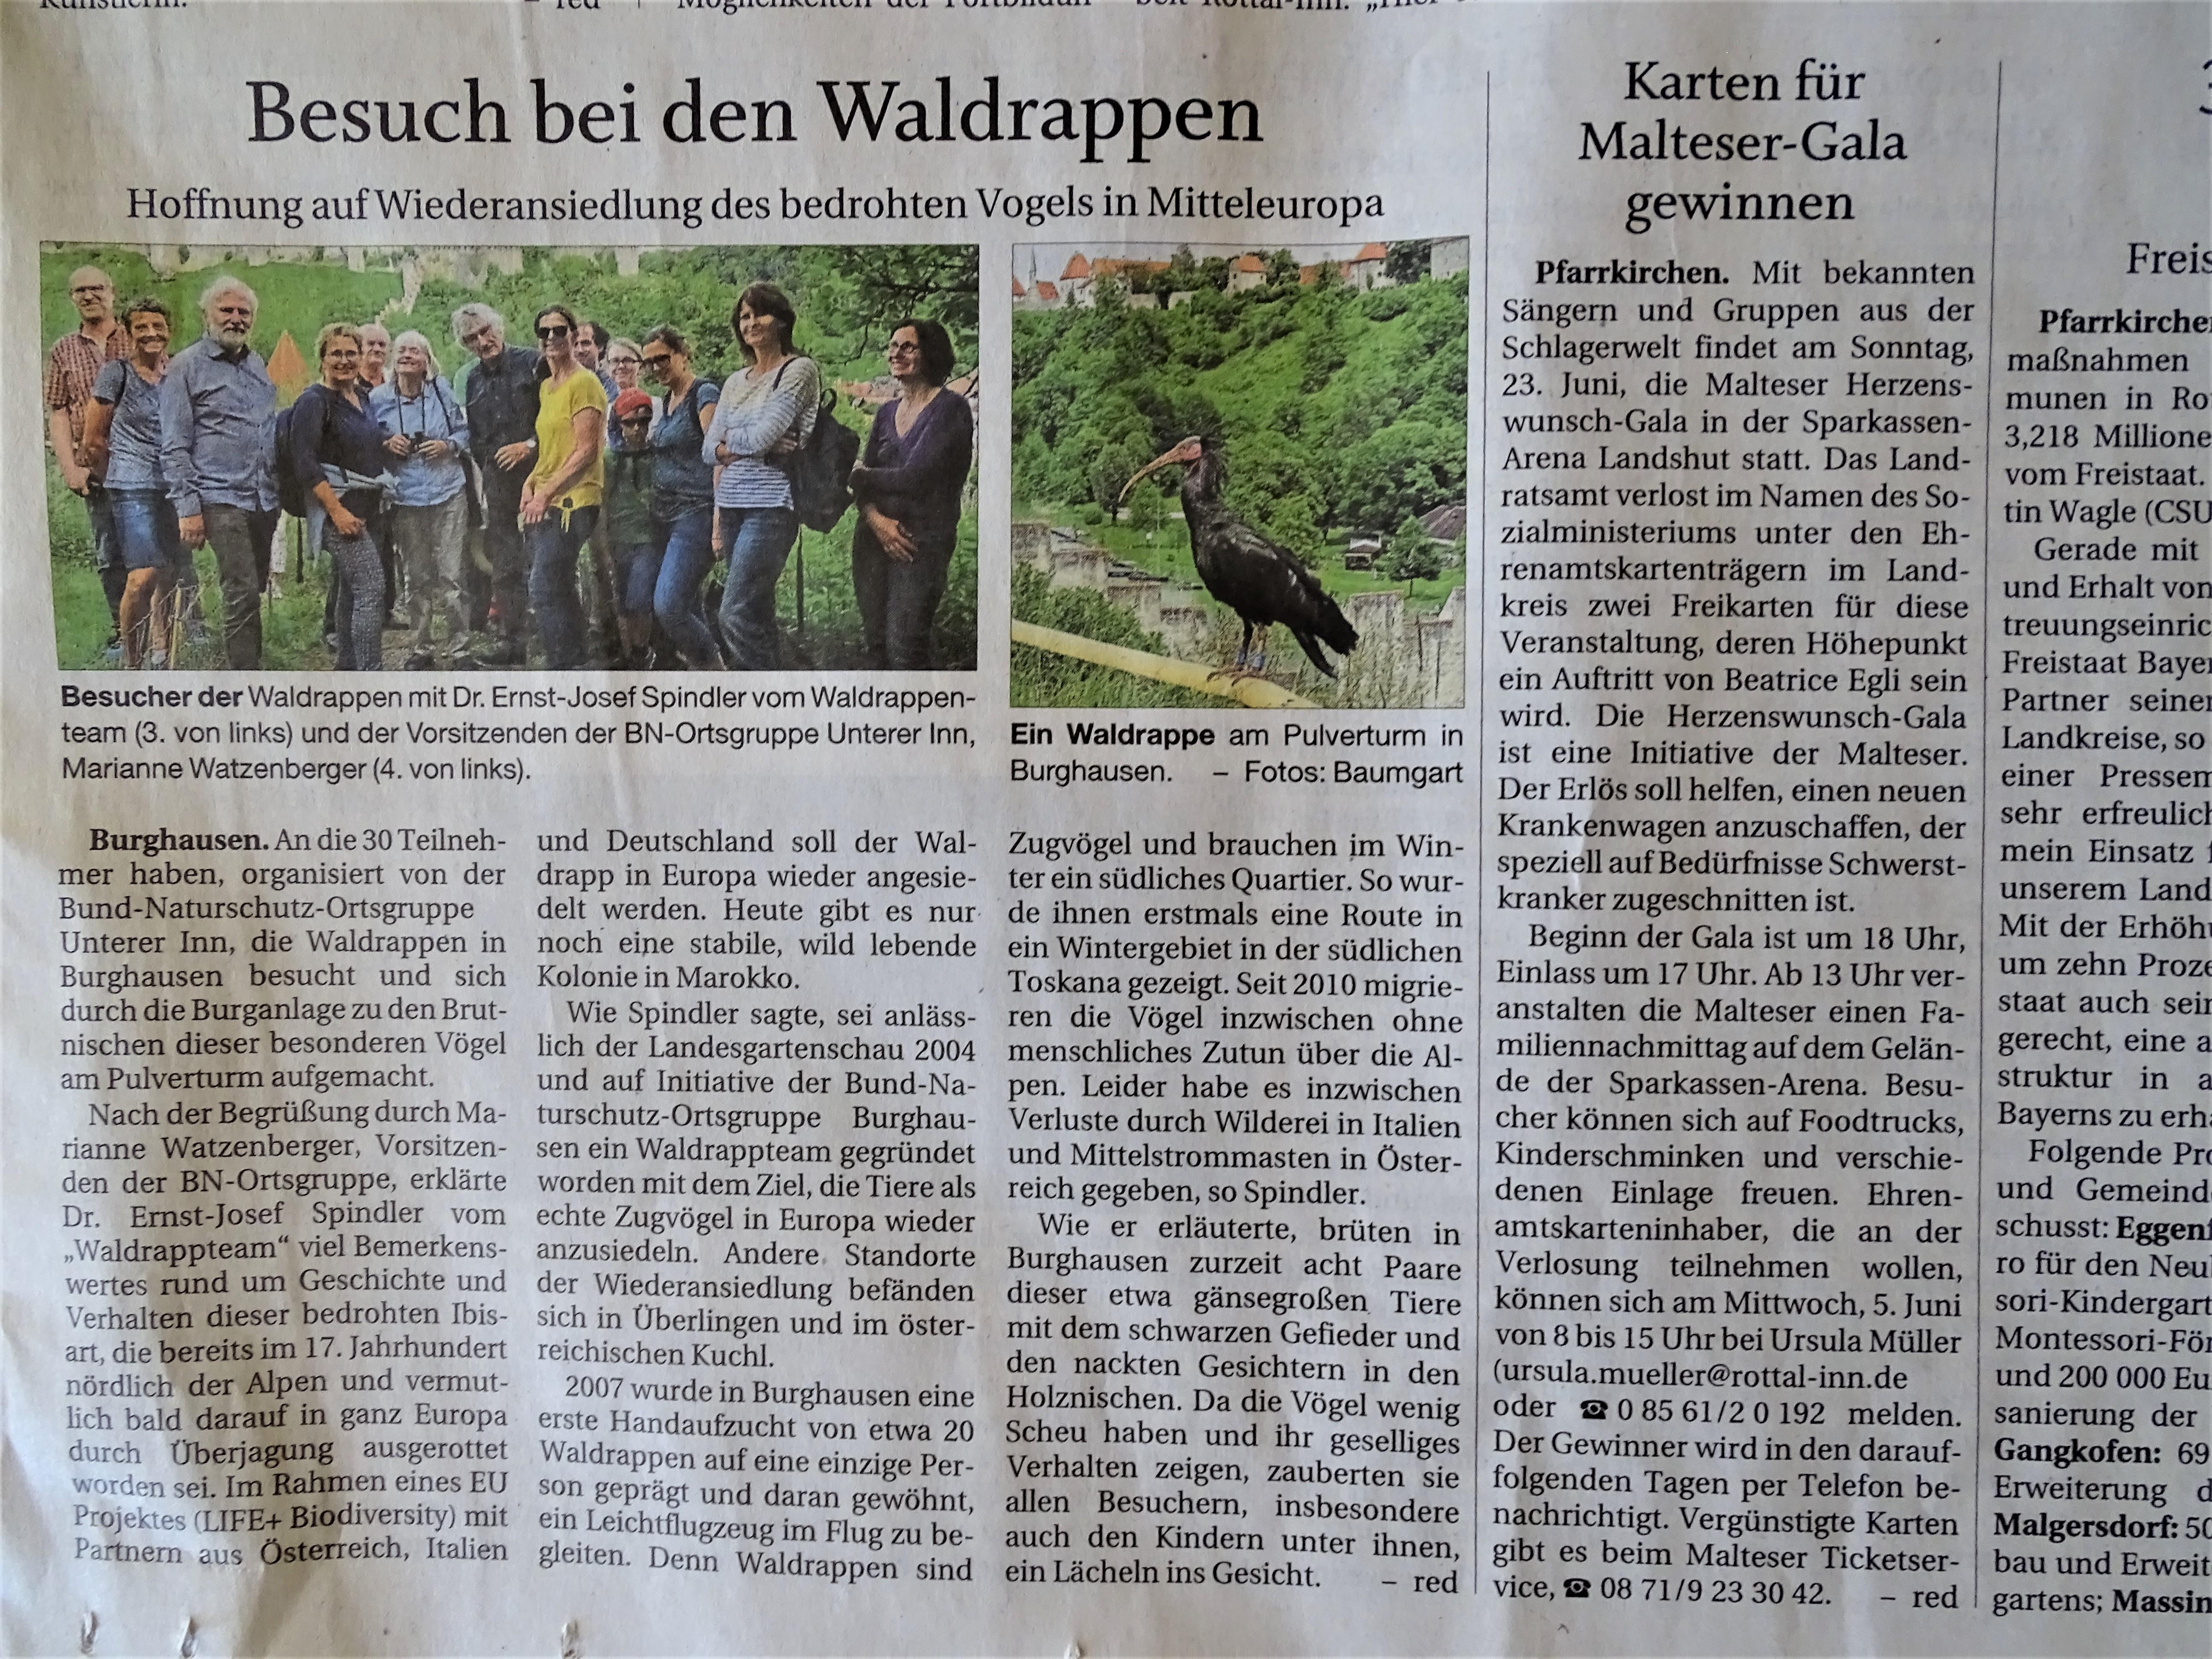 Besuch der Waldrappen in Burghausen